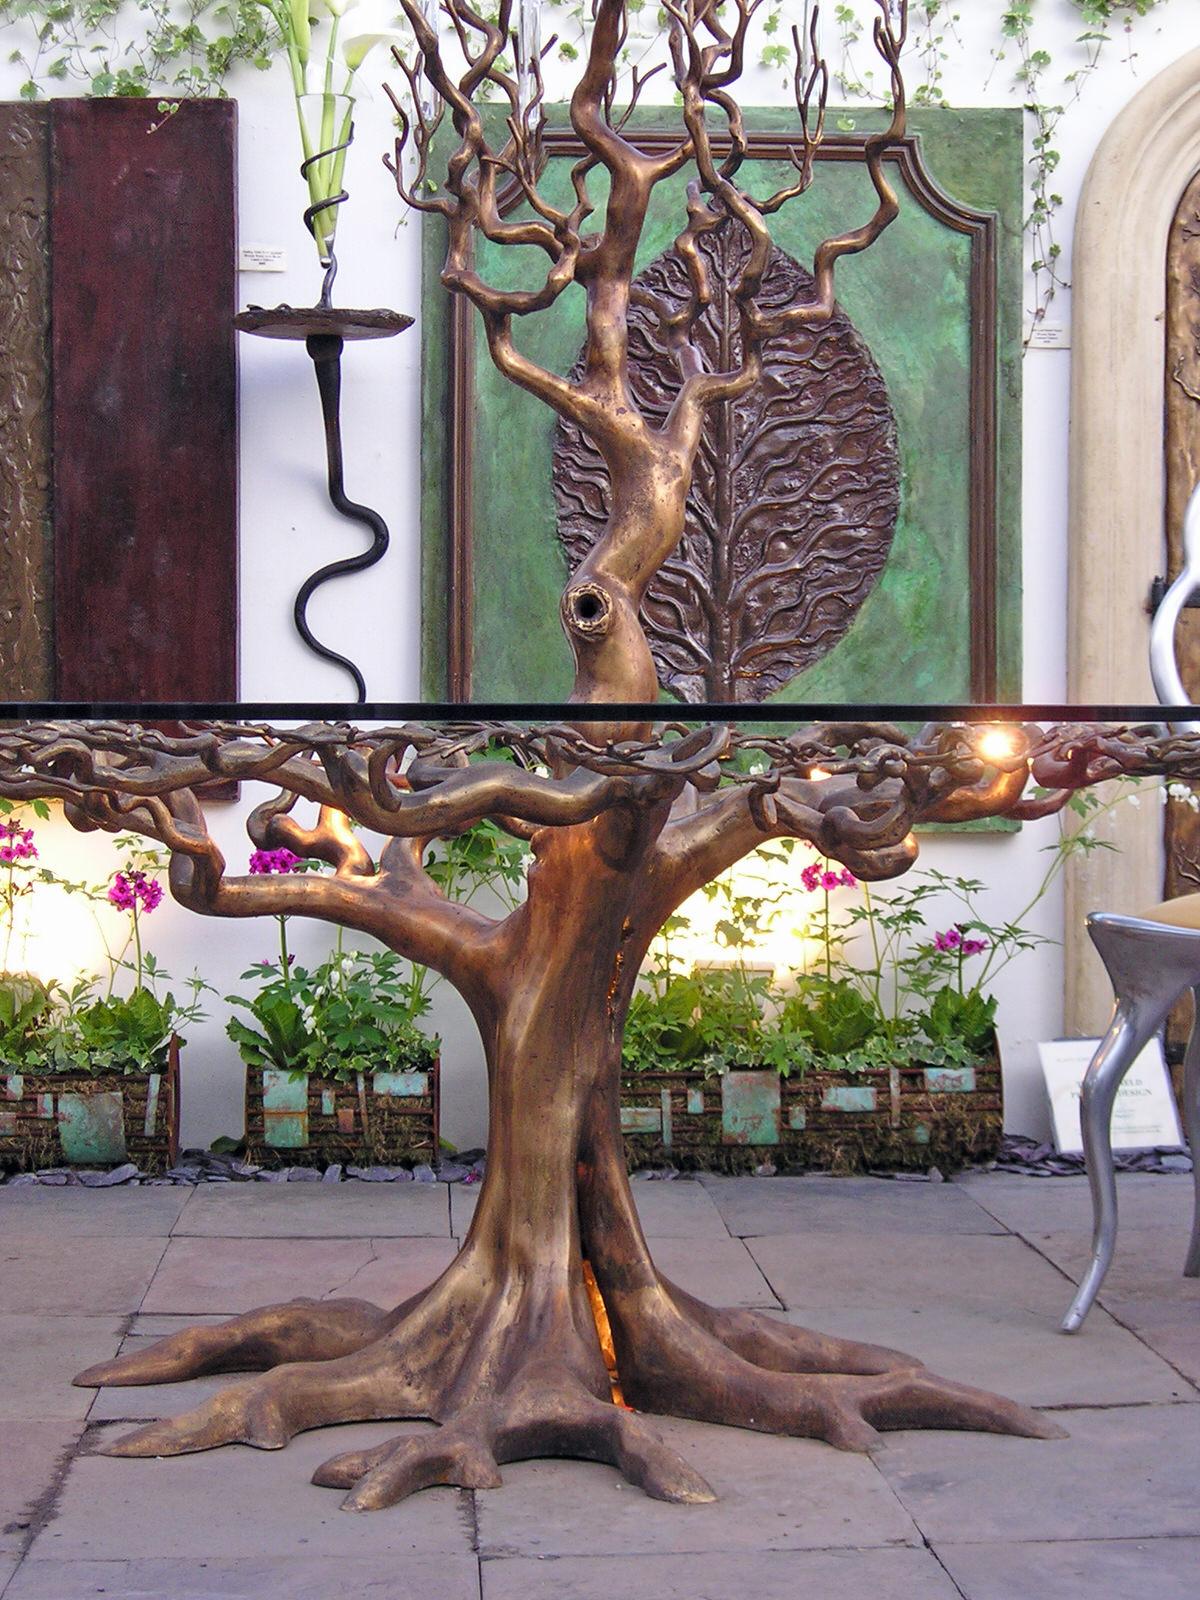 Sidney S Oak Table Mark Reed Sculpture